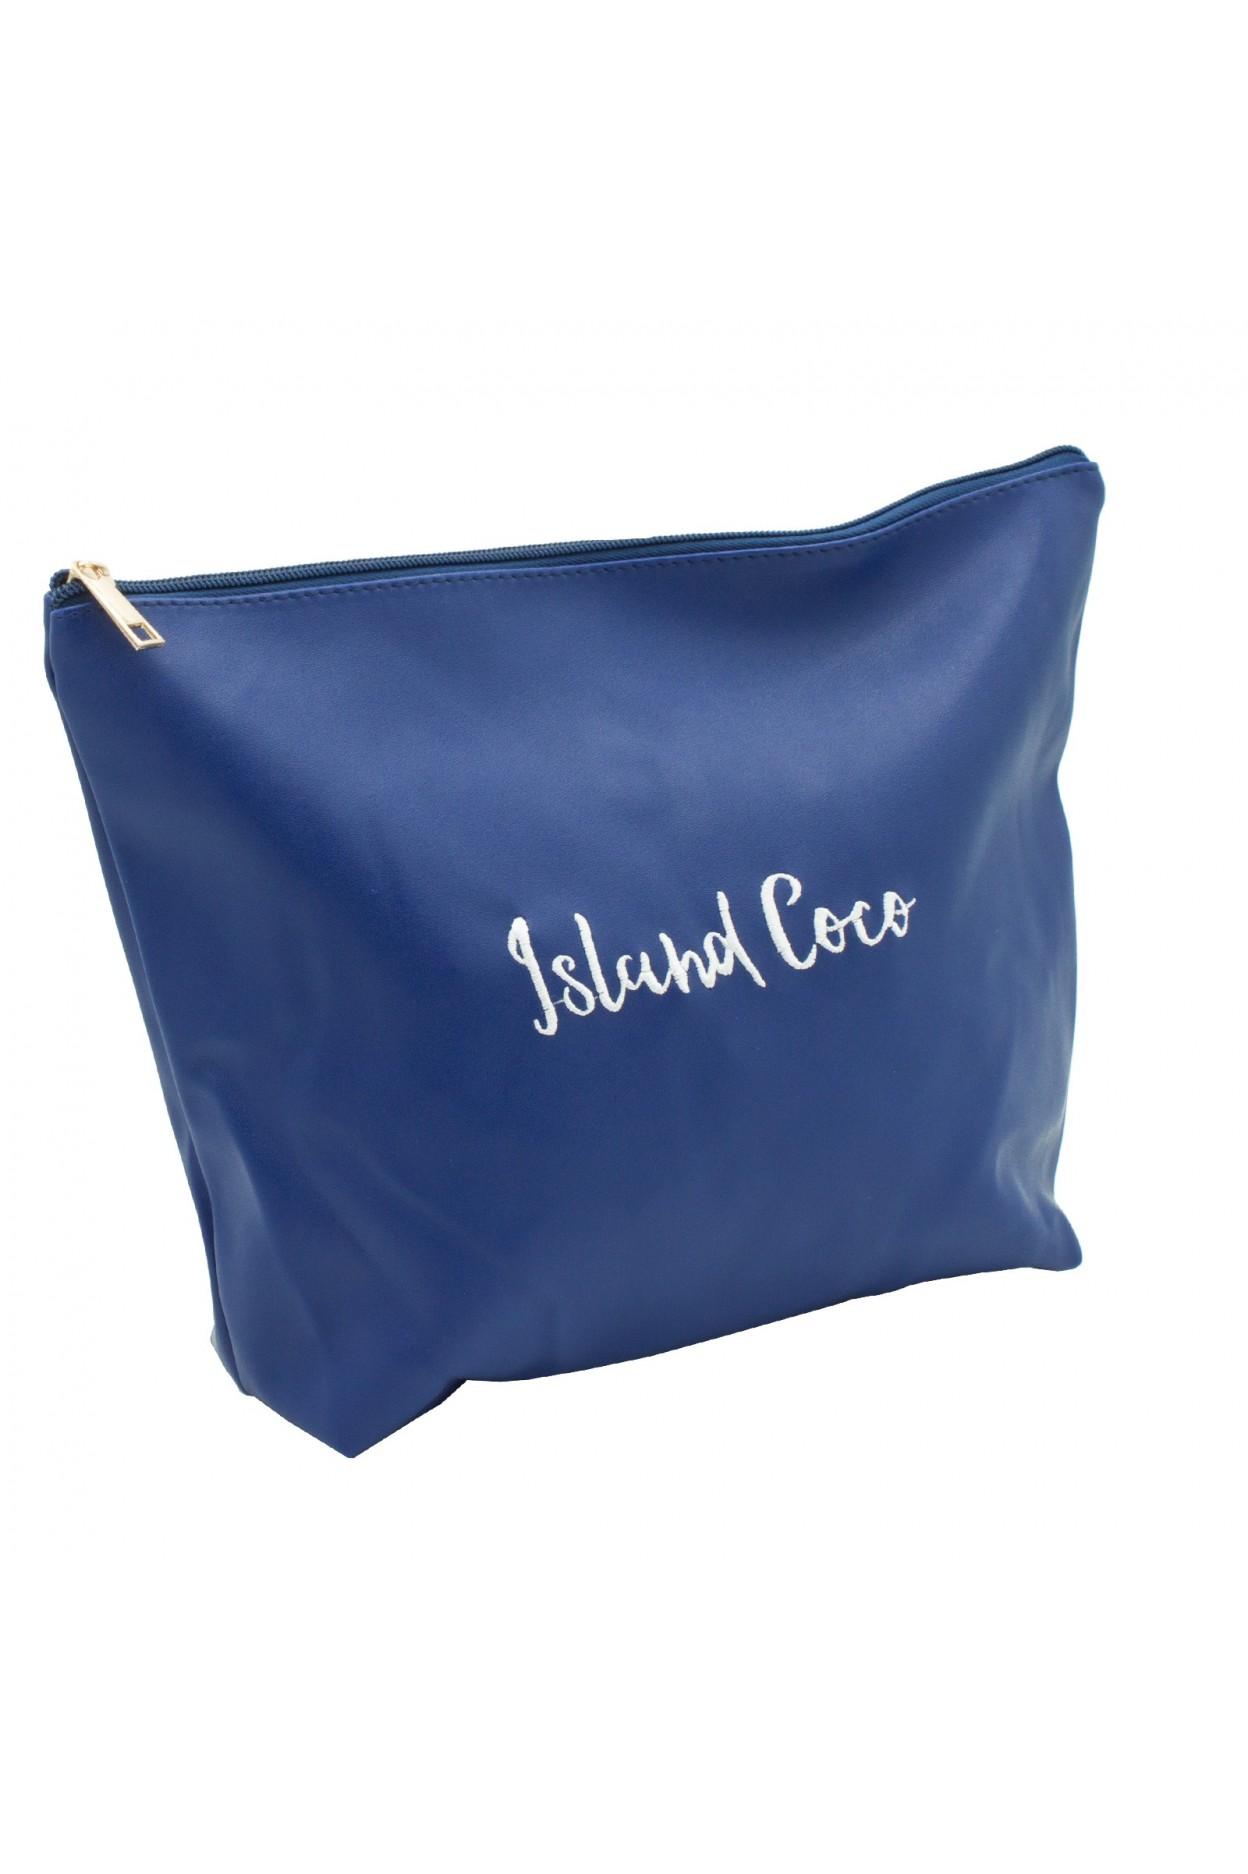 borsello - blu - donna - accessori - islandcoco